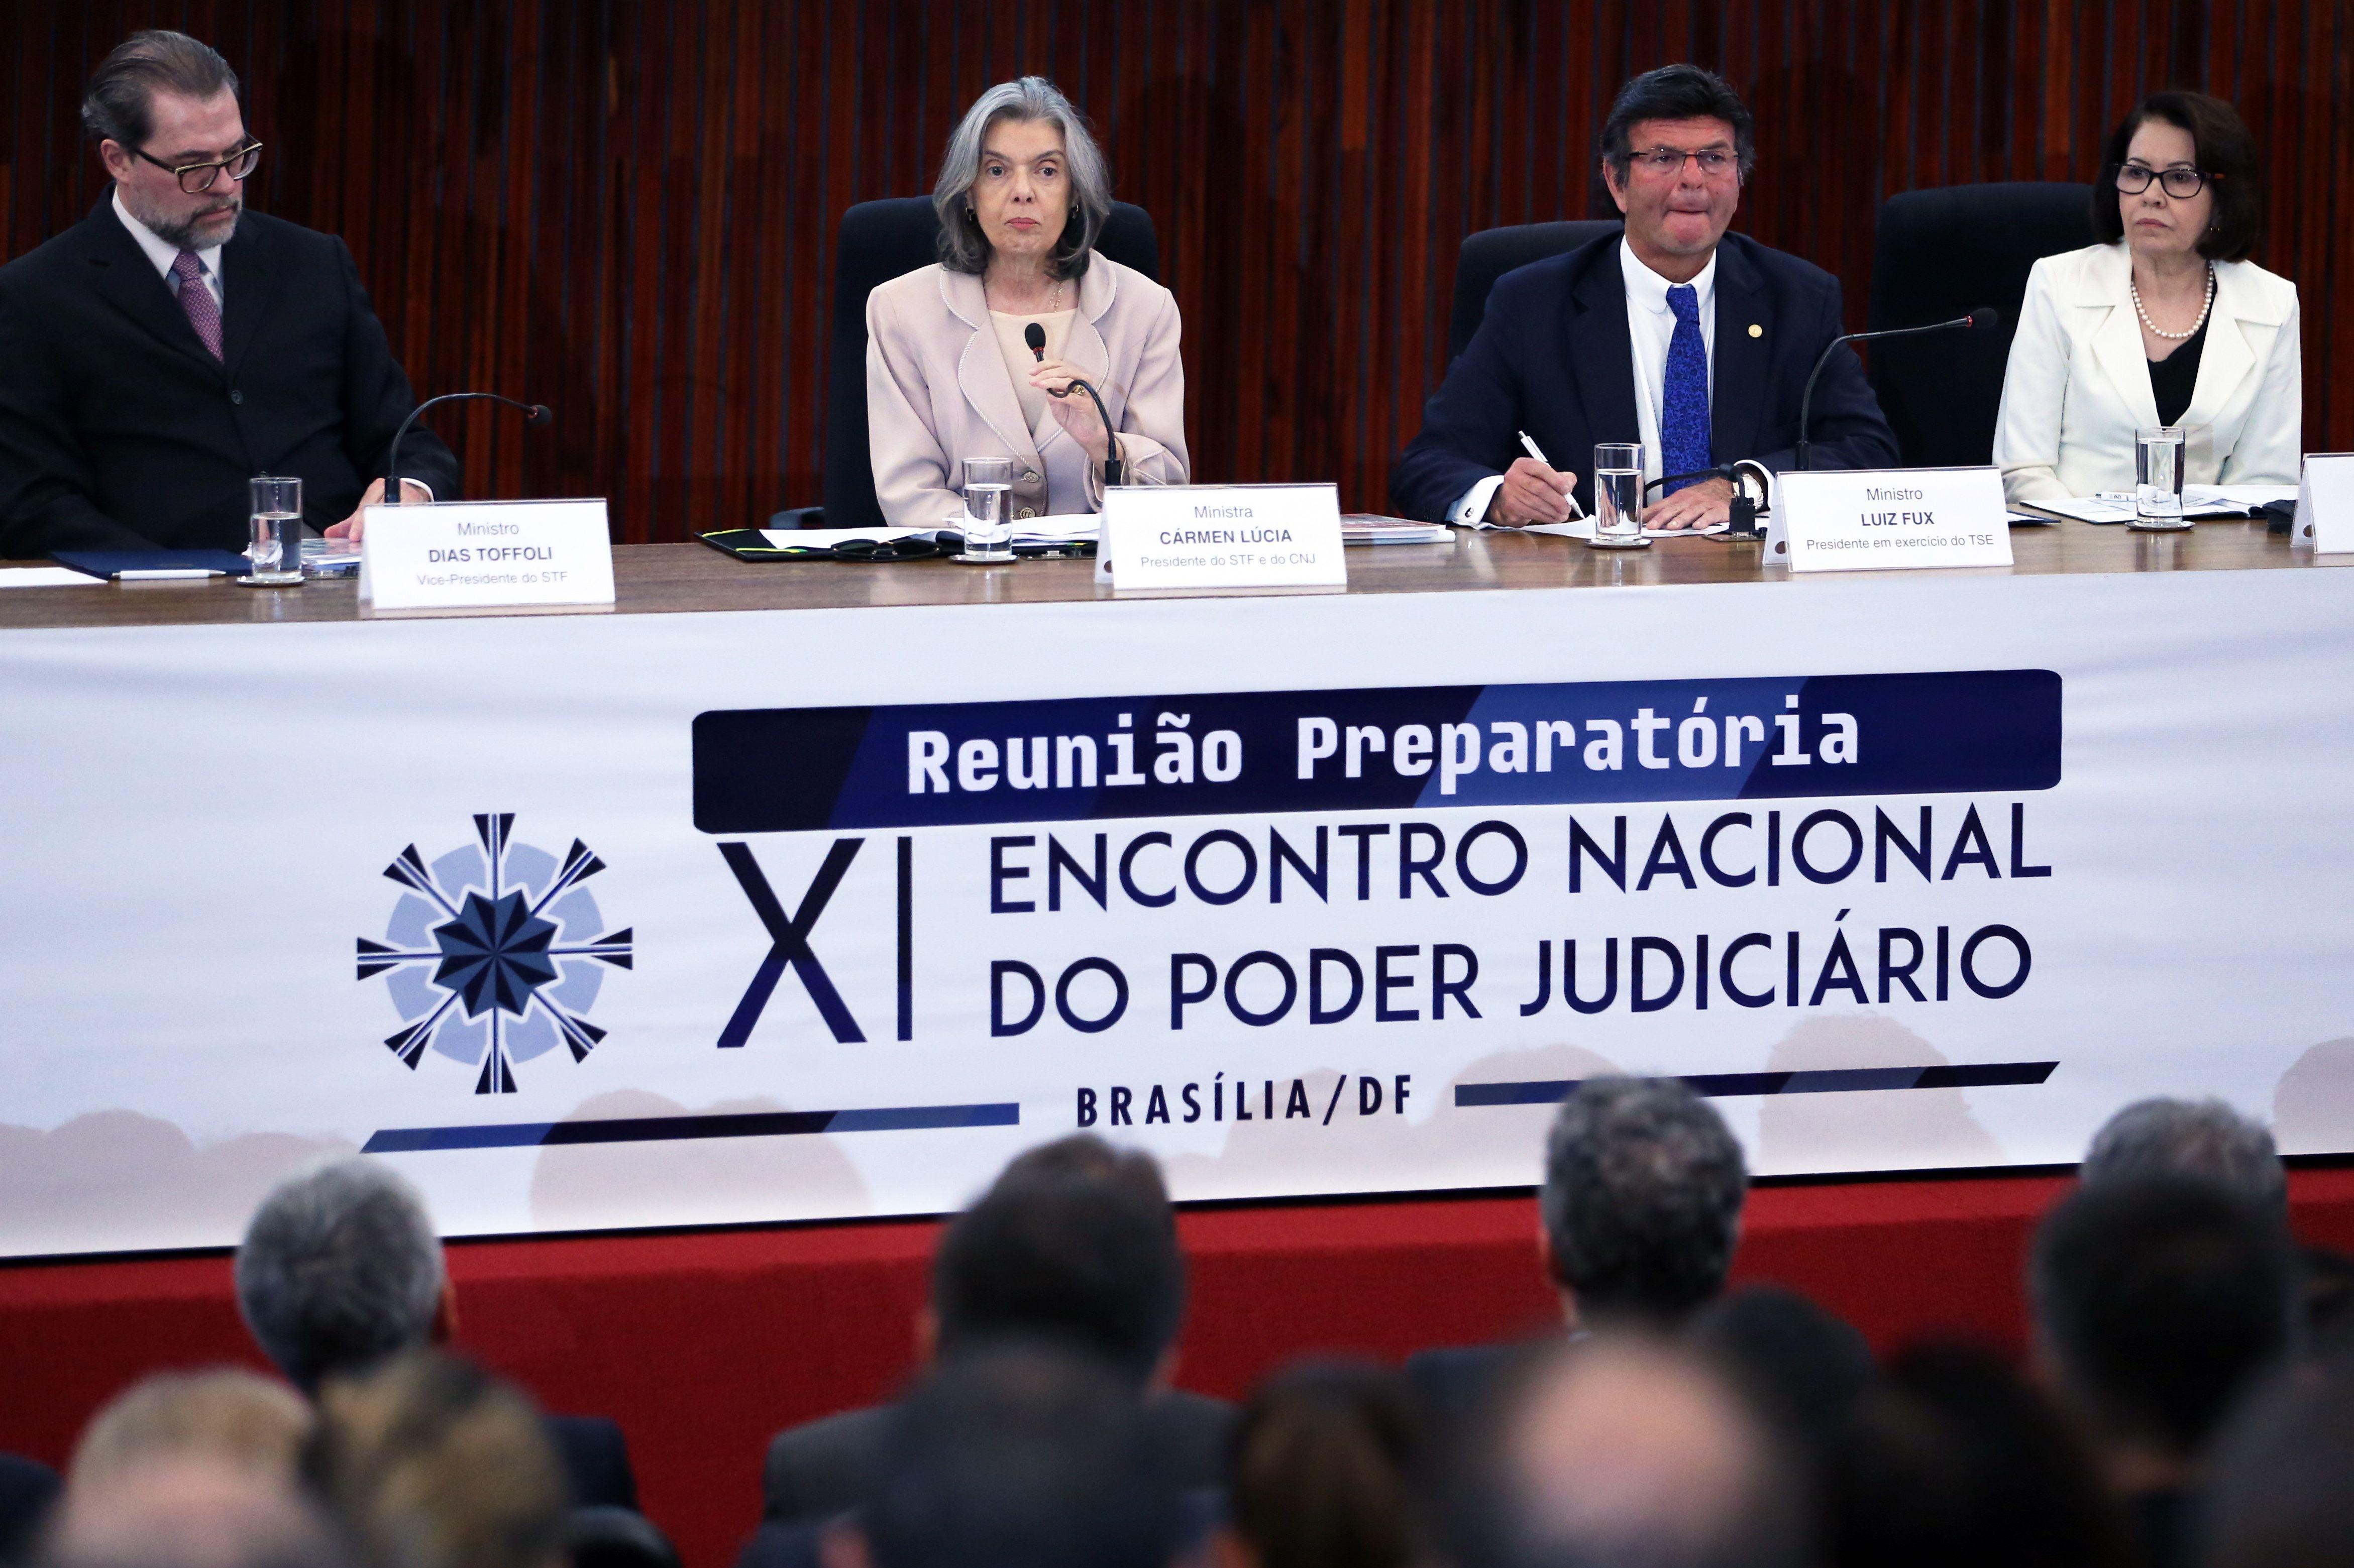 Presidente do CNJ e do STF, Cármen Lúcia, apresenta o anuário Justiça em Números 2017 durante Reunião Preparatória do 11º Encontro Nacional do Judiciário, no auditório do TSE - José Cruz/Agência Brasil/ND